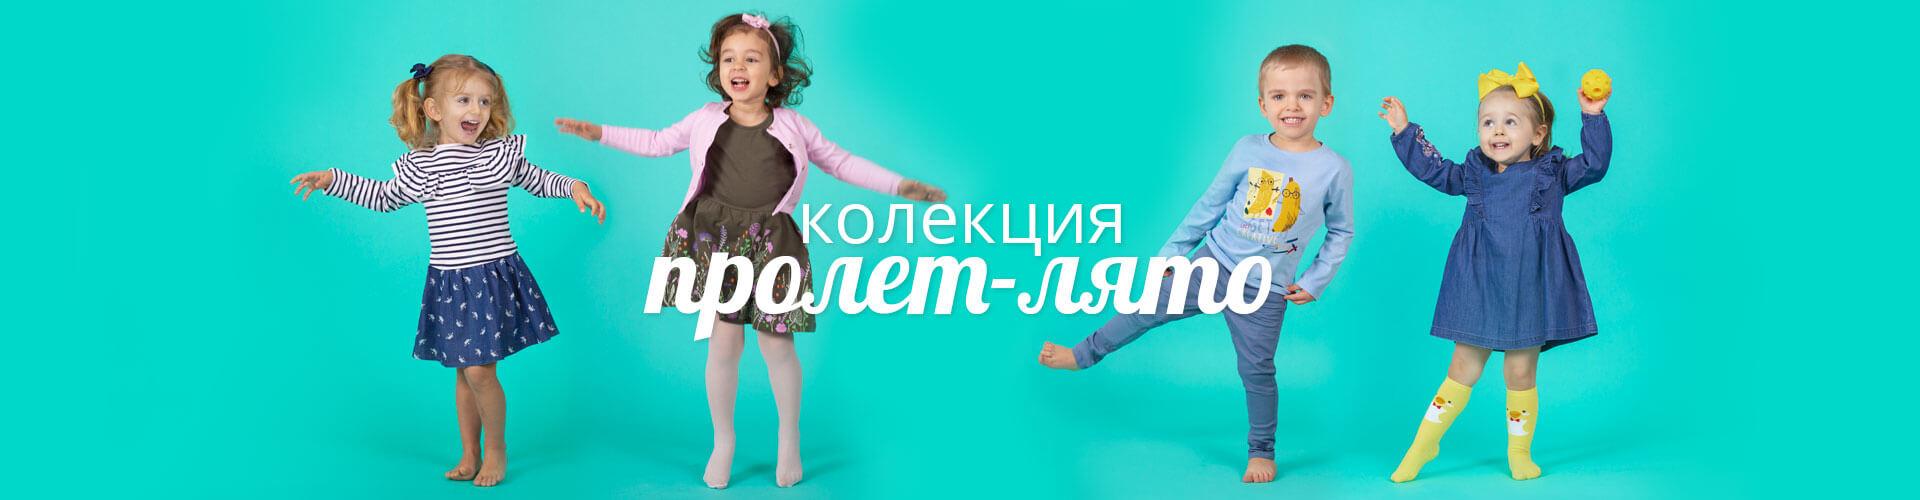 Колекция пролет-лято бебешки и детски дрешки